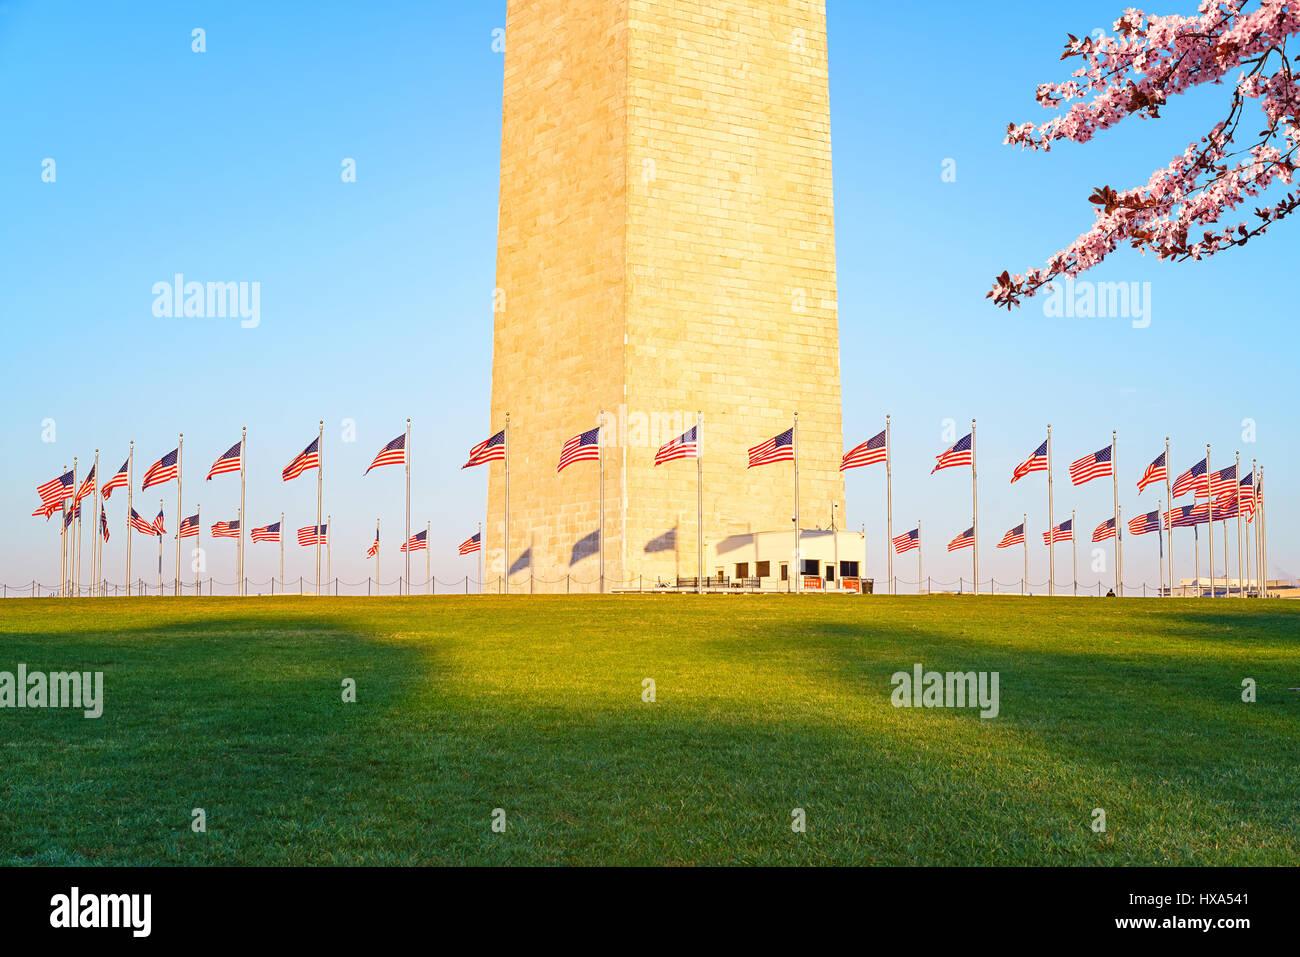 Kirschblüte in der Nähe von Washington Monument, USA Stockbild